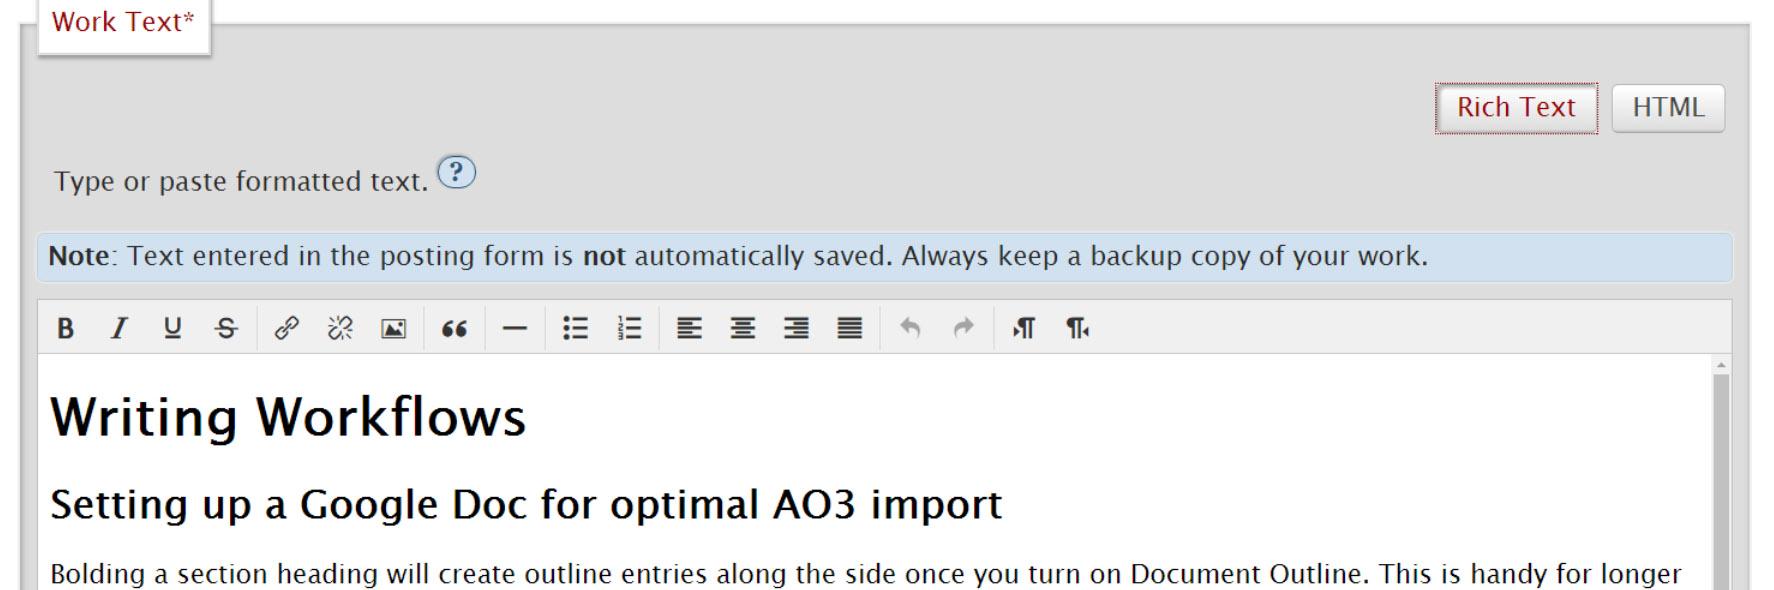 Rich text editor button in AO3